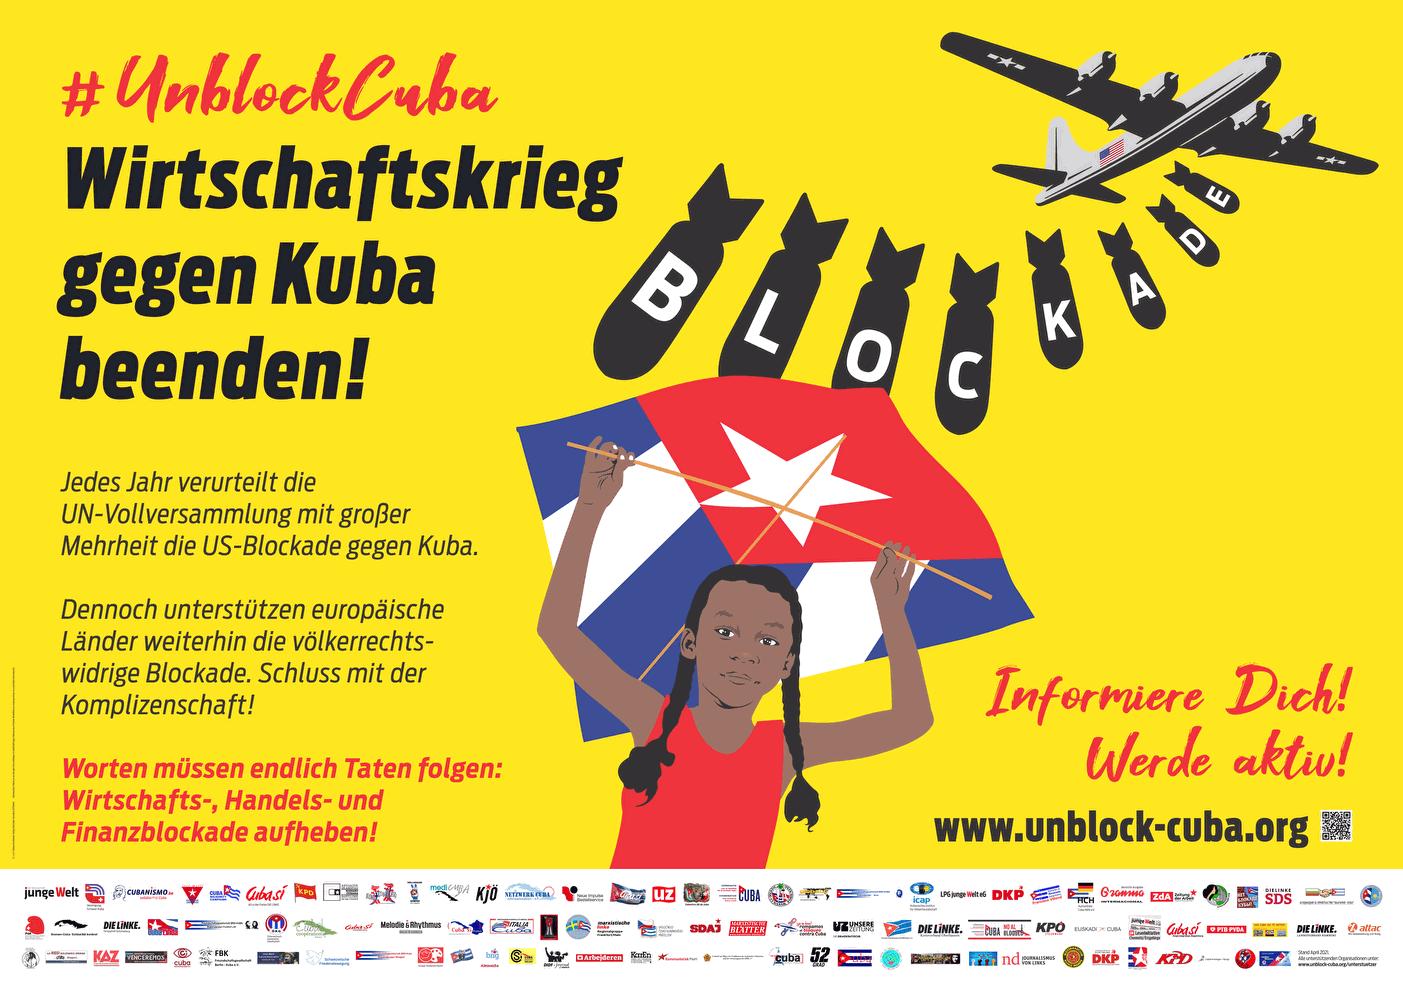 UnblockCuba